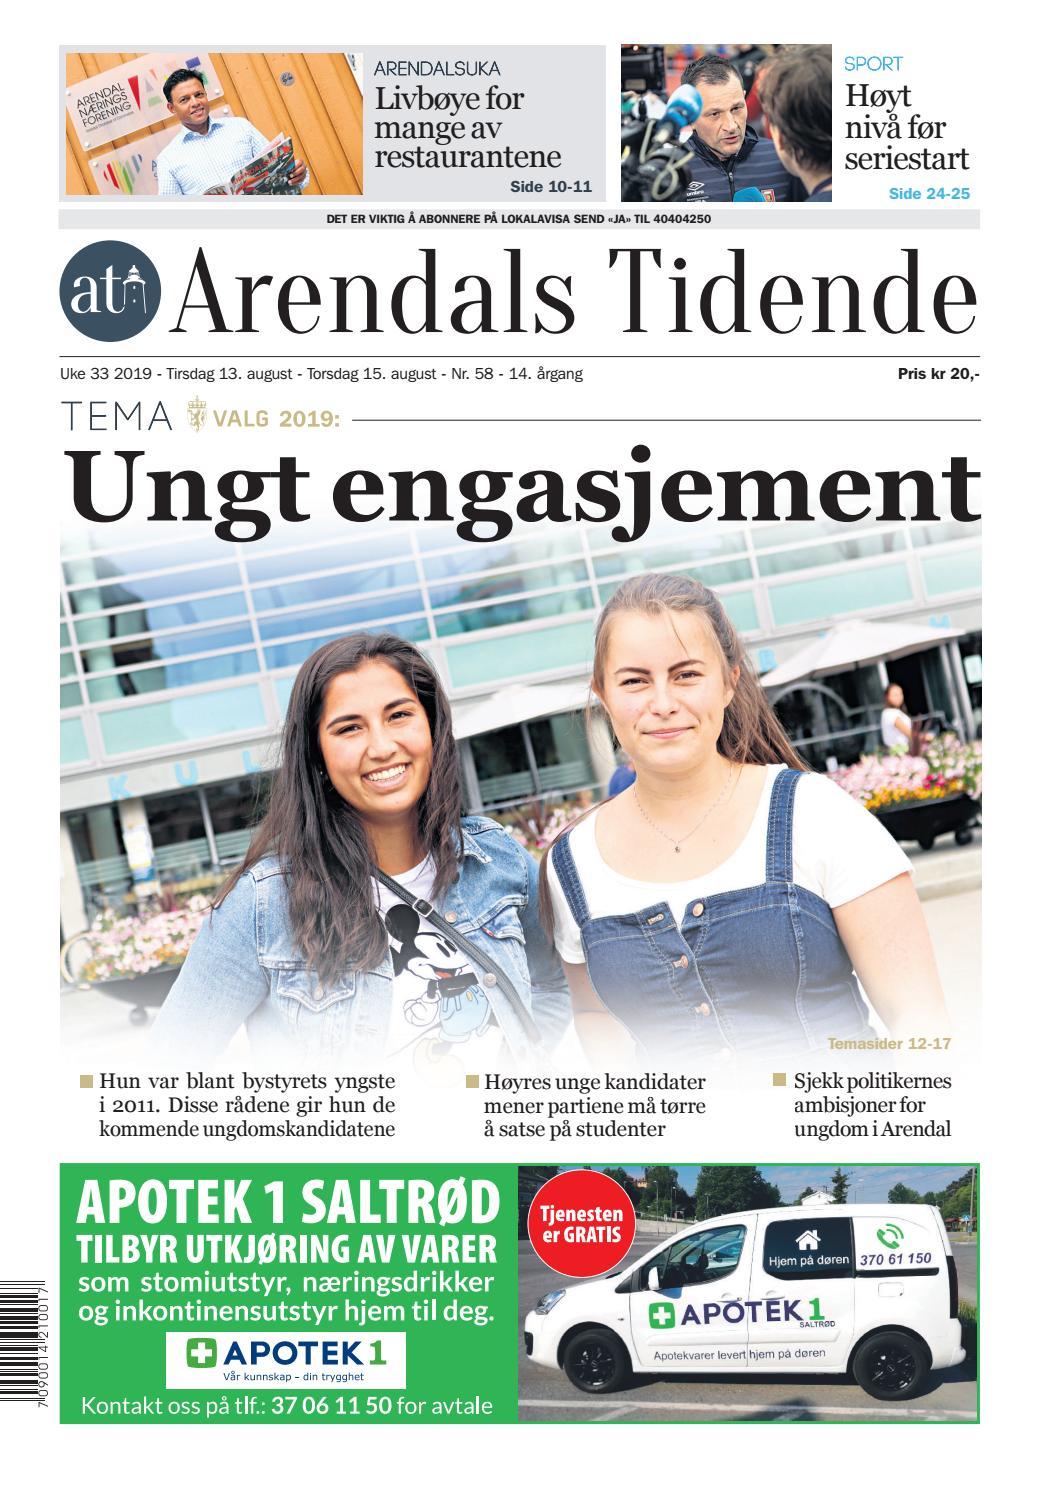 norske jenter på jakt etter menn i kristianstad ensomme kvinner som søker uforpliktende dating i falköping